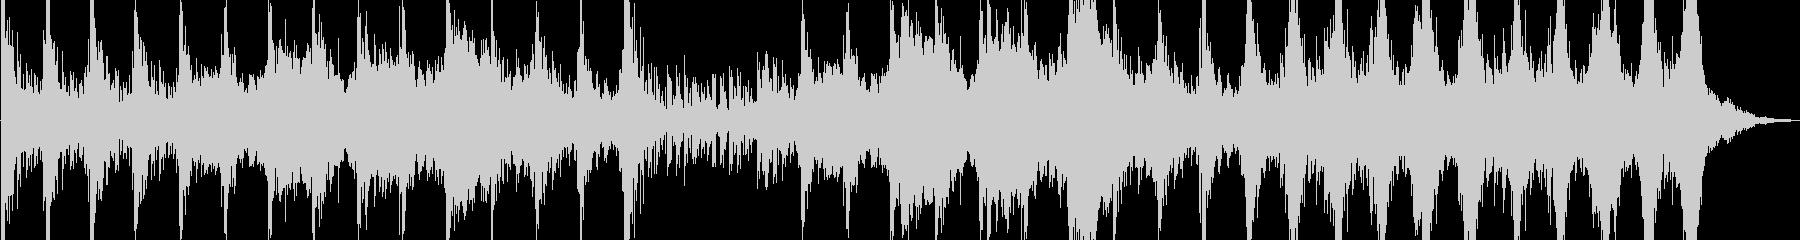 ドラマティックフィルムのテンション...の未再生の波形